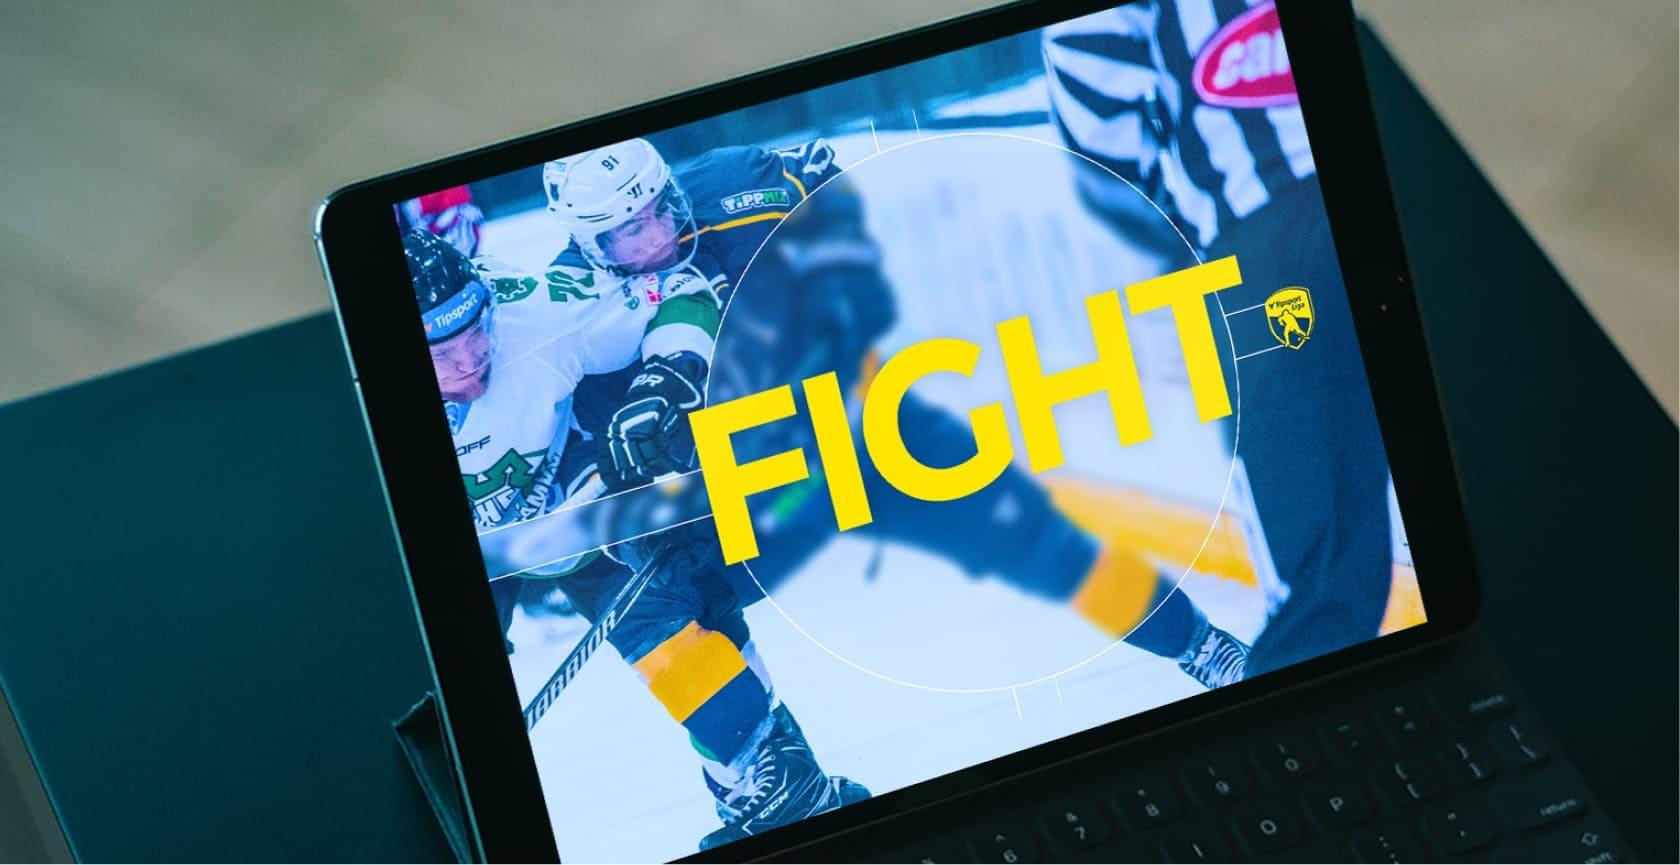 vyvoj mobilnej aplikacie pre najvacsiu hokeju ligu a jej fanuskov